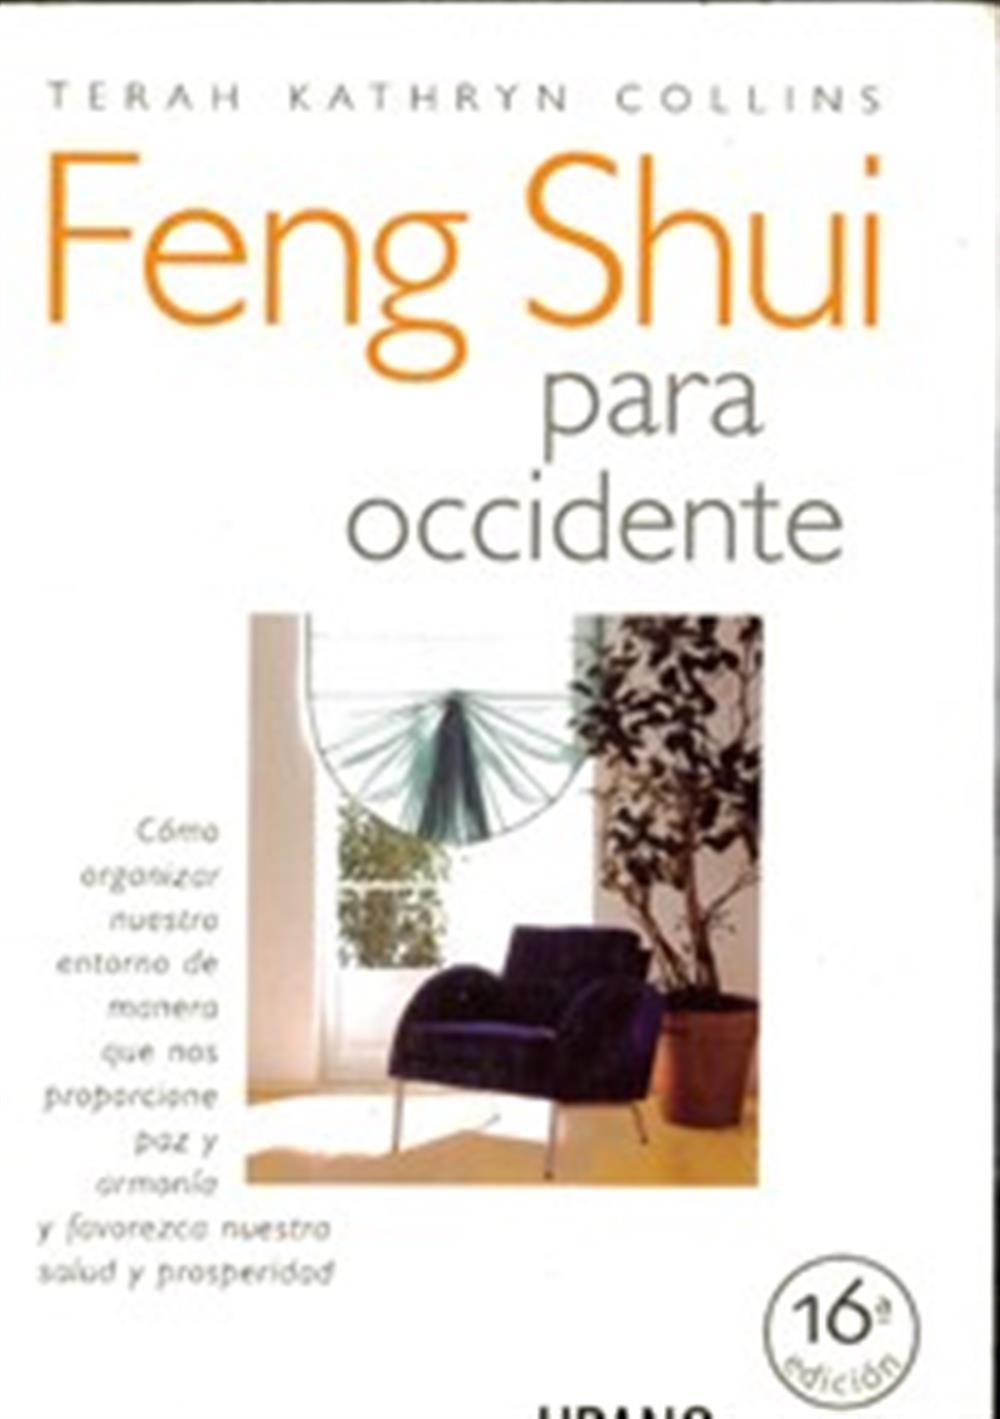 Feng shui para occidente